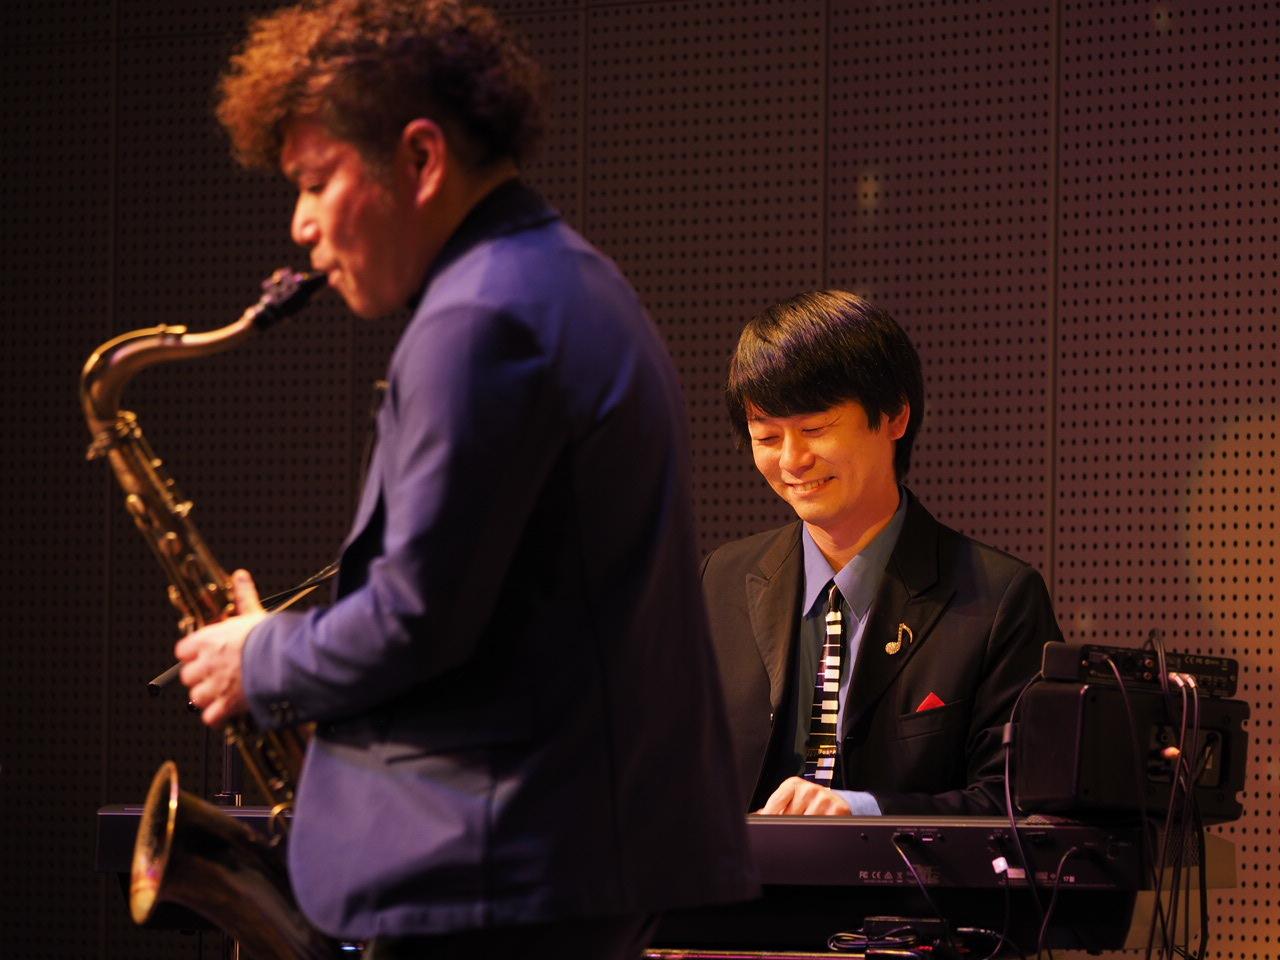 ジャズ講談のコンサートでした 2020年冬_f0135940_01554982.jpg